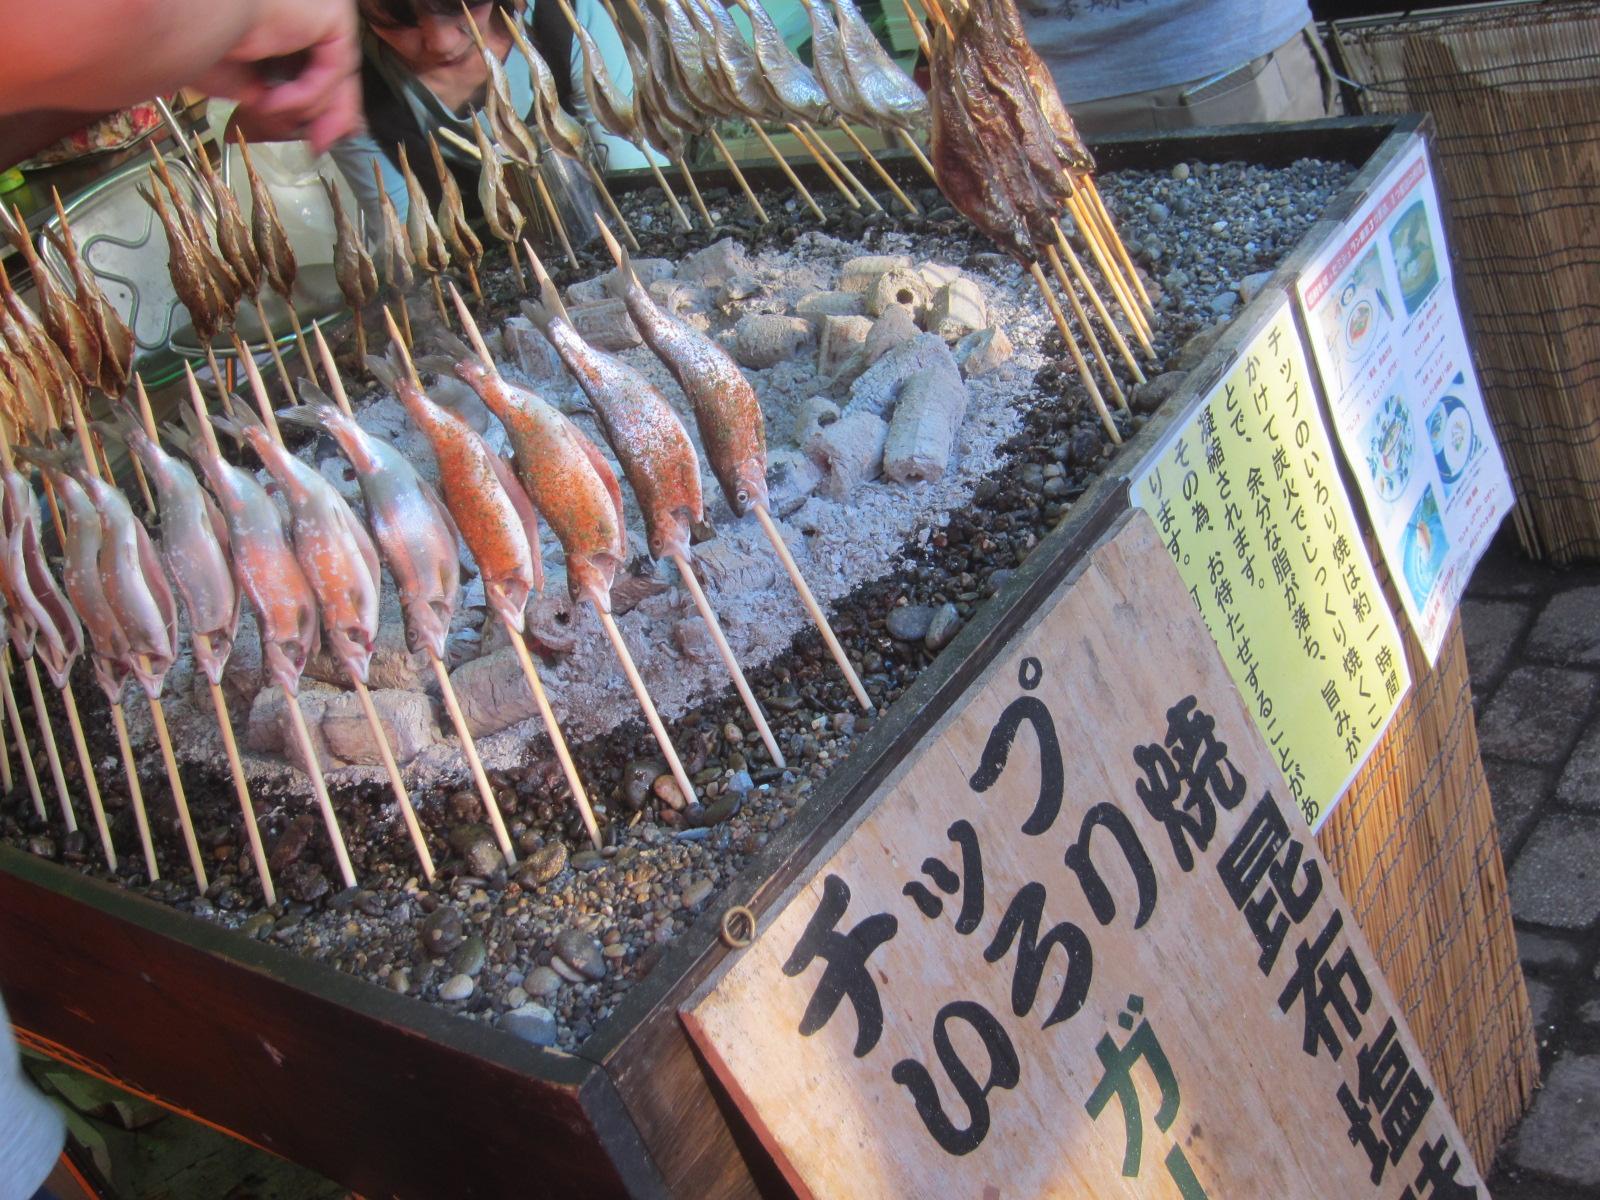 IMG 0069 - 札幌オータムフェストにていろいろ食べ歩き2016